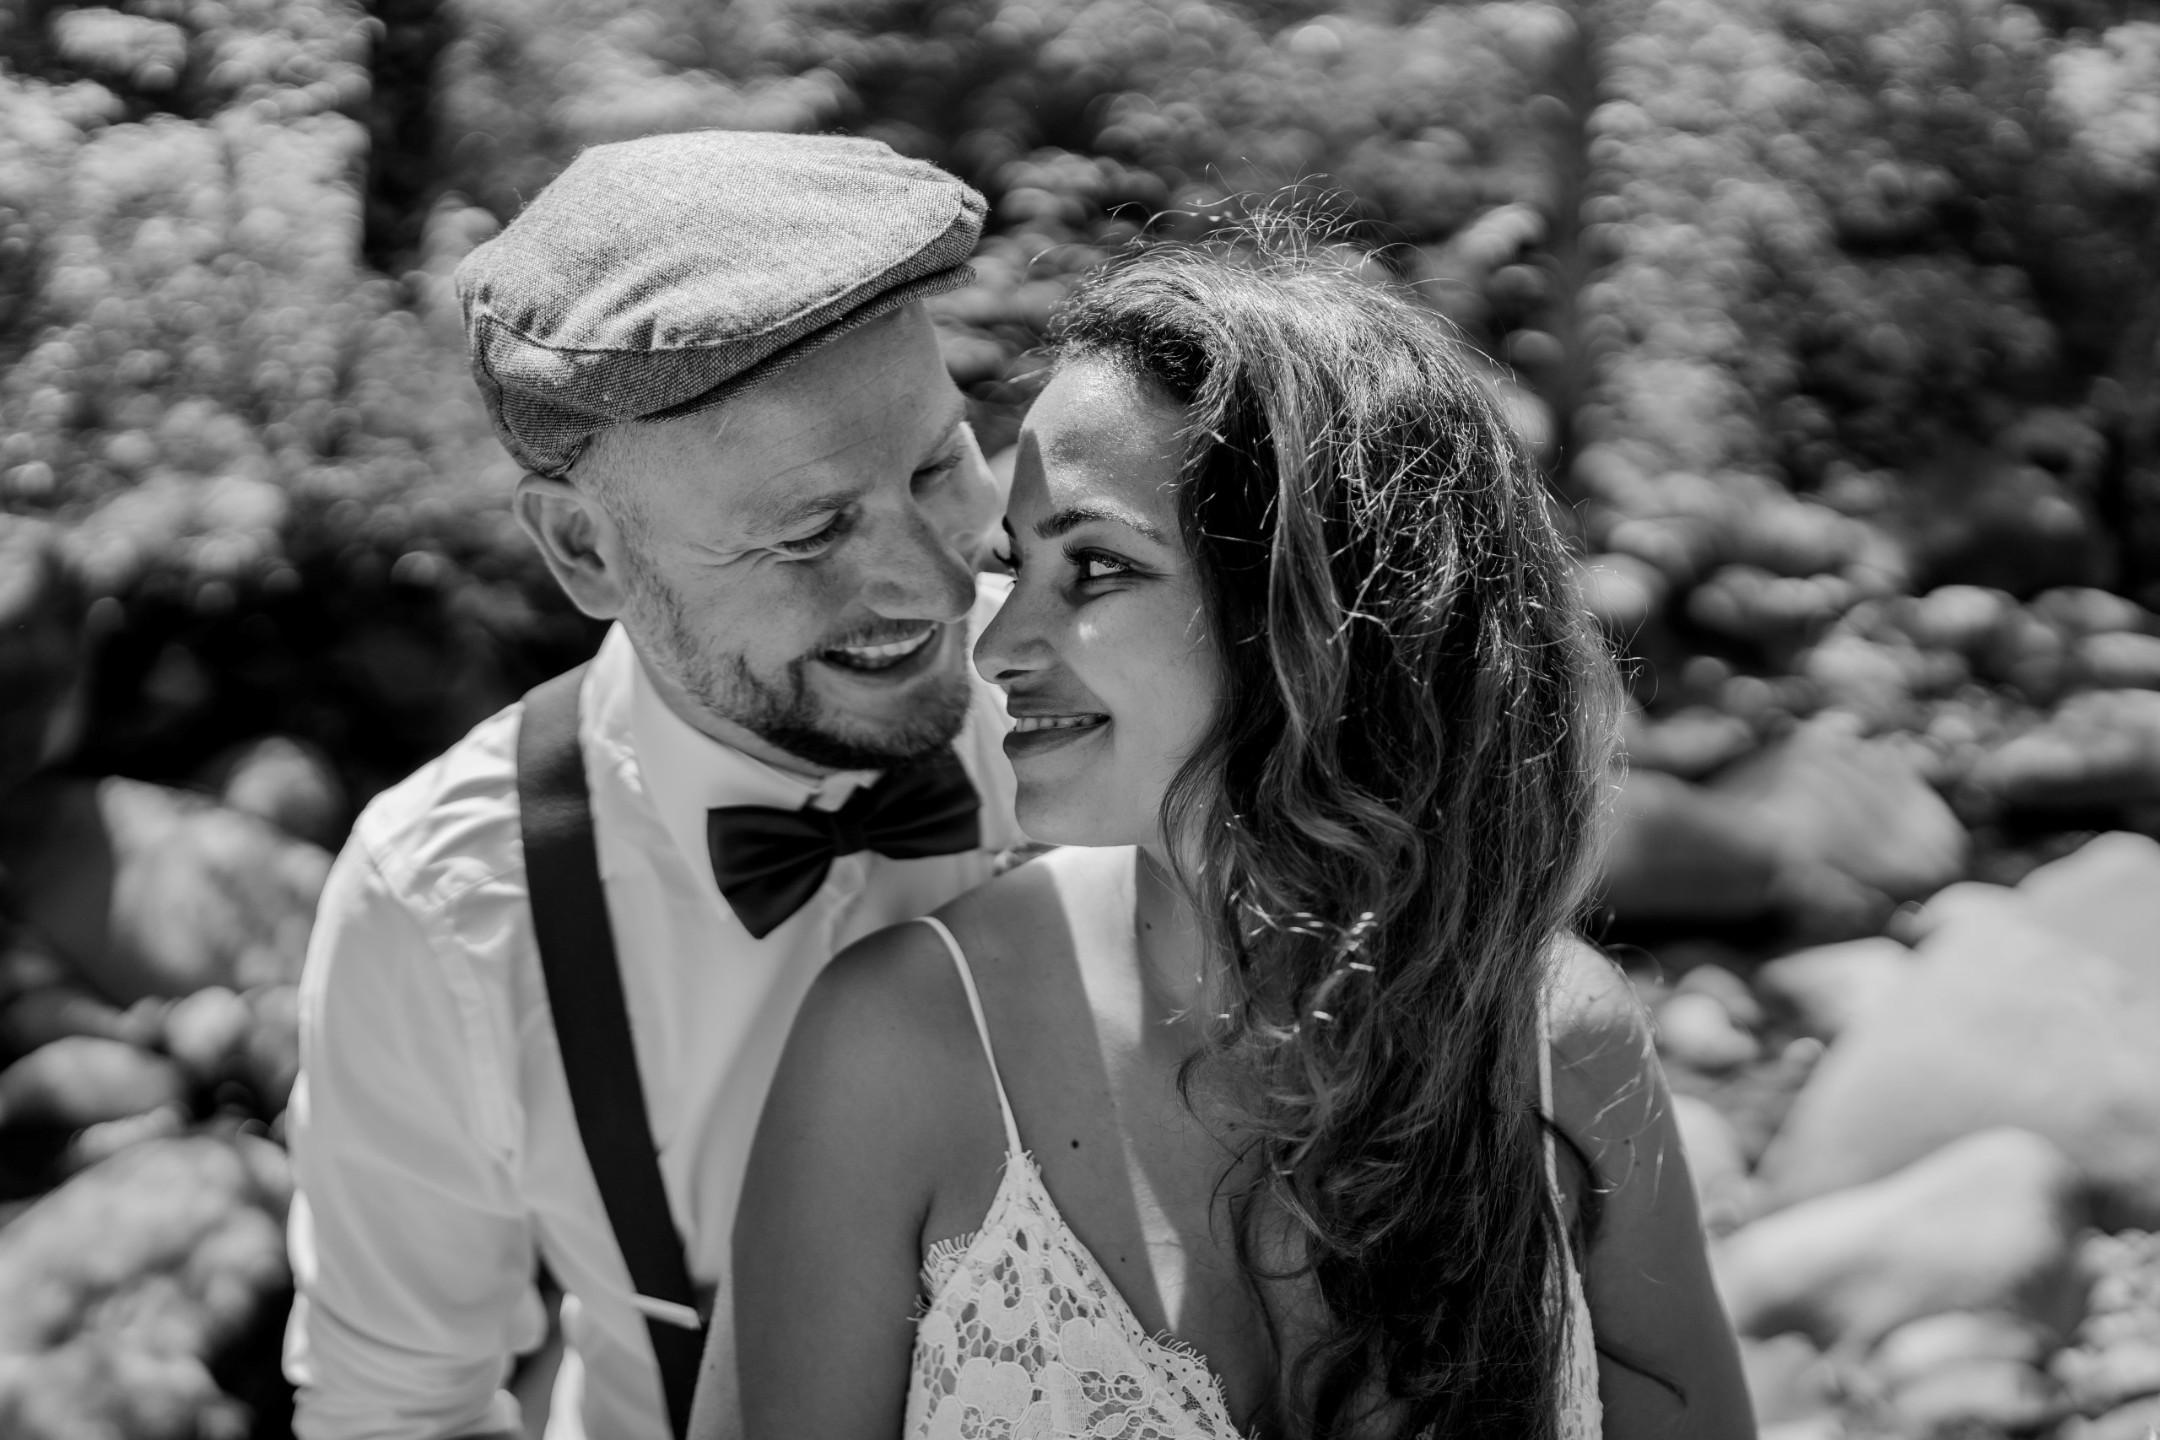 Aida + Tim | Hochzeitsfotografen am Bodensee Workshops  - Hochzeitsfotografie von Aida und Tim